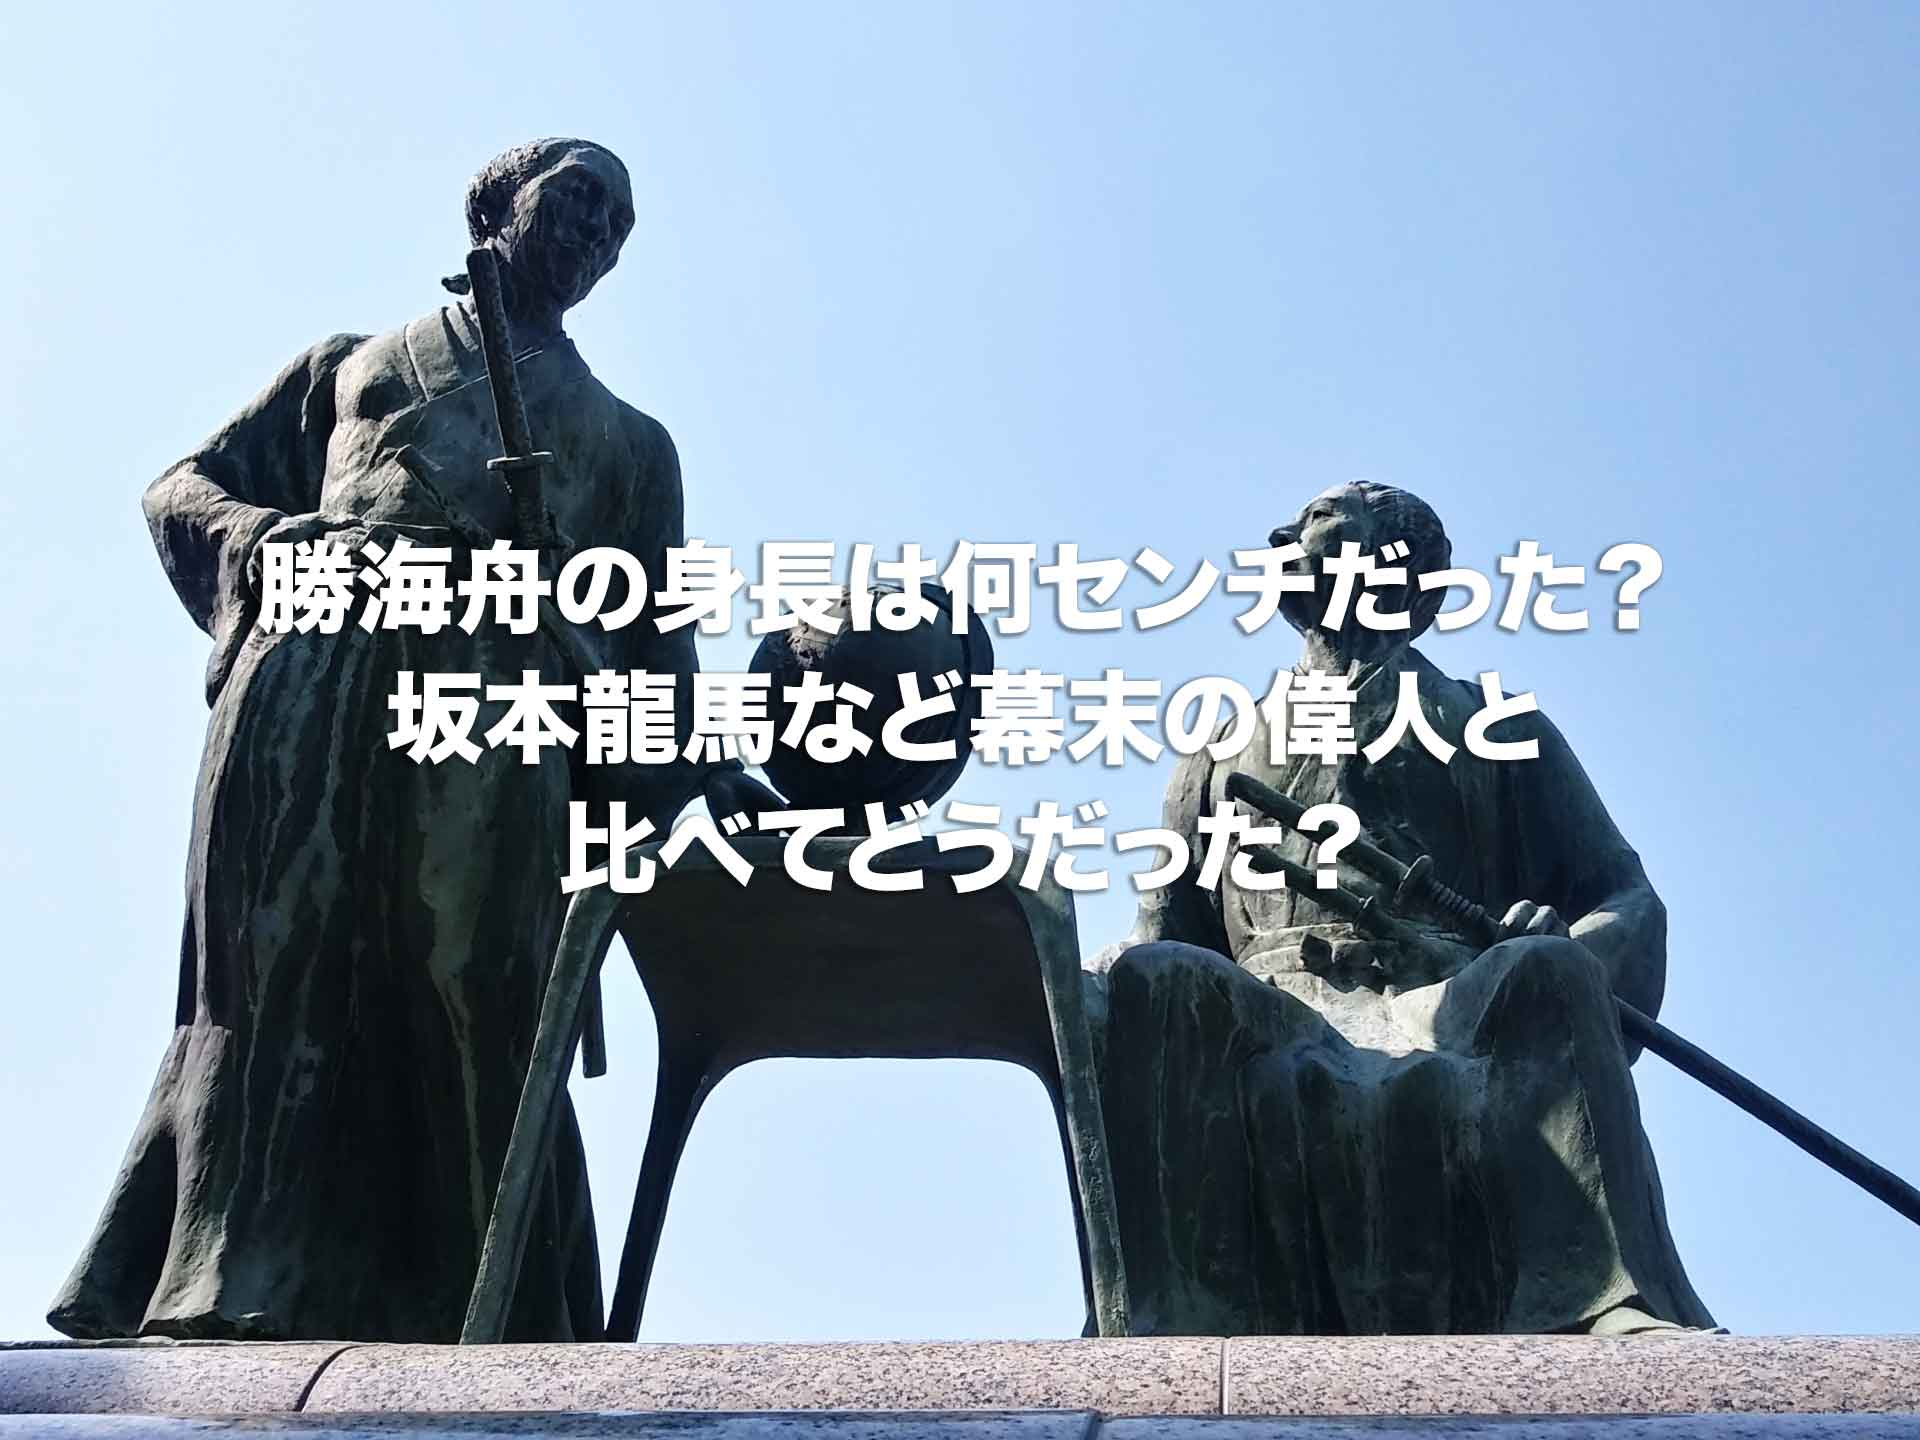 勝海舟の身長は何センチだった?坂本龍馬など幕末の偉人と比べてどうだった?